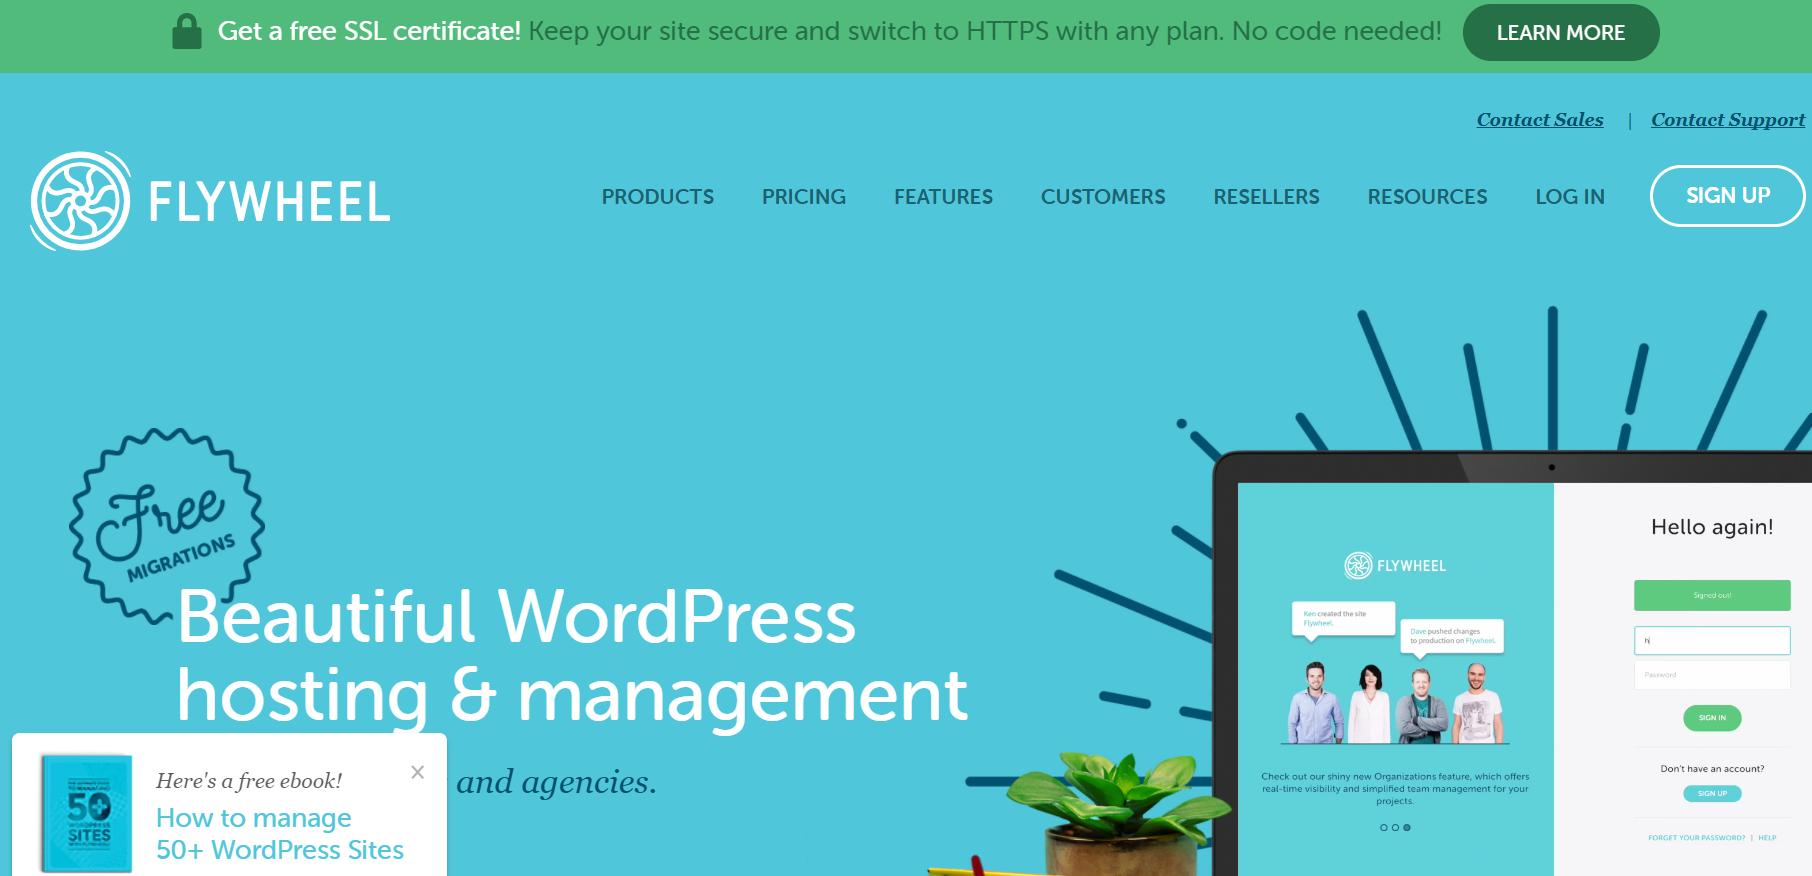 Website Hosting Services Brandablr